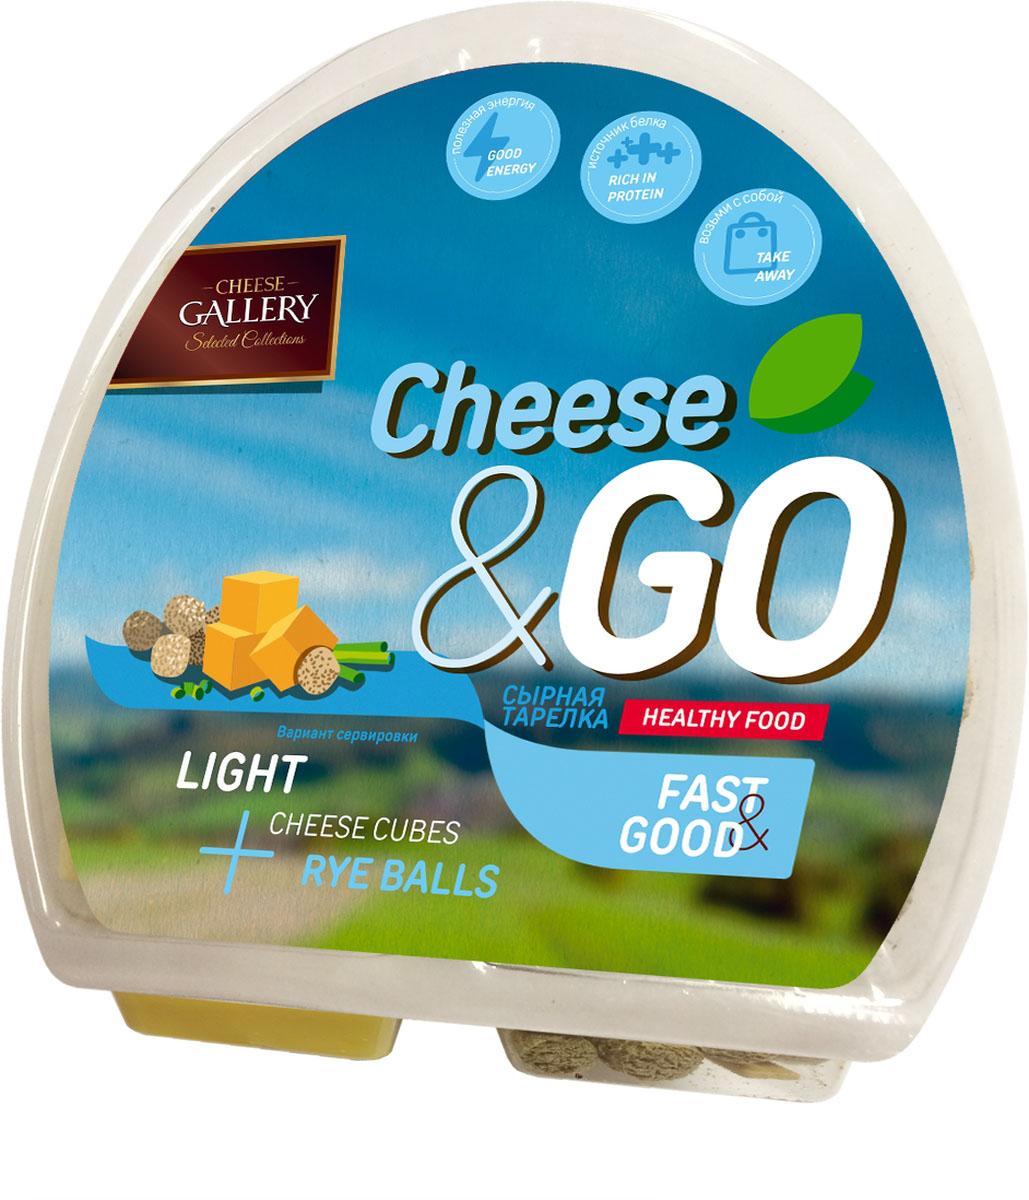 Cheese&Go Сыр Лайт, Отруби, сырная тарелка, 70 г105-157Сырная тарелка Cheese&Go - это здоровый перекус в любое время и в любом месте, особенно для тех кто следит за своей фигурой. Калорийность сырной тарелки составляет всего 171 кКал. В сырной тарелке два отделения: в одном лежат кубики сыра Light в другом отруби. Сочетание сыра идеально подобрано с наполнителем для раскрытия его вкуса. Для удобства потребления в тарелке лежит деревянная шпажка.